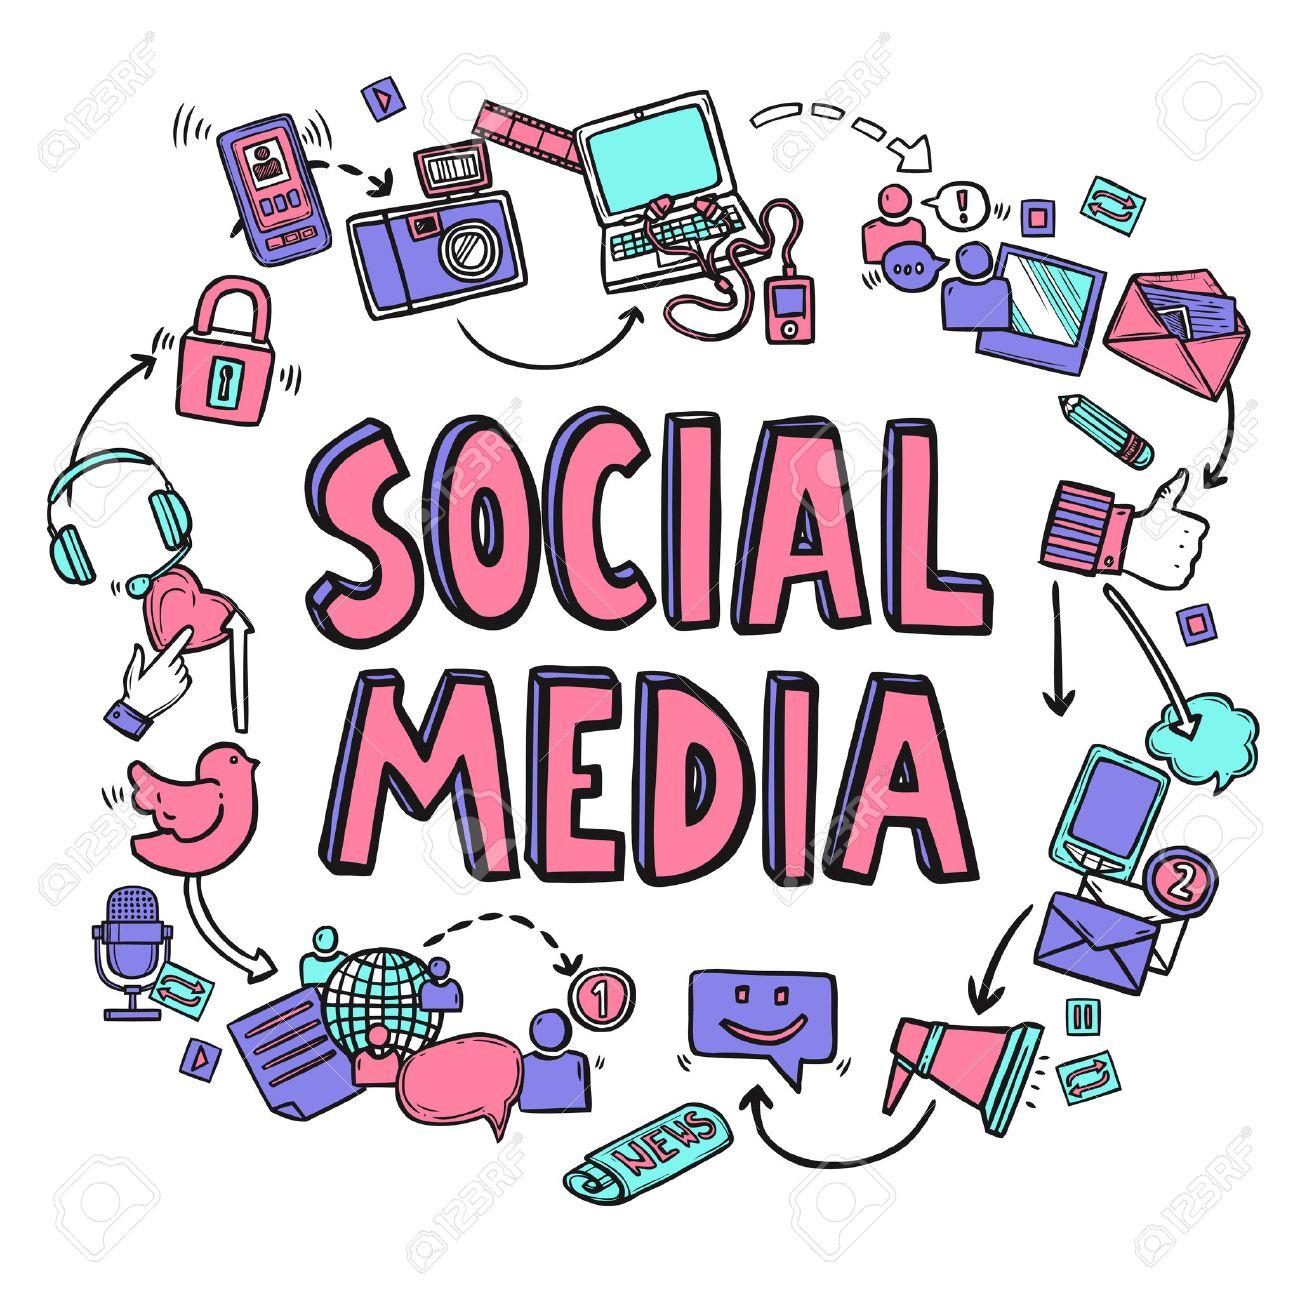 Elle çizilmiş konuşma Sosyal medya tasarım konsepti vector illustration  simgeleri Stok Fotoğraf - 38302947